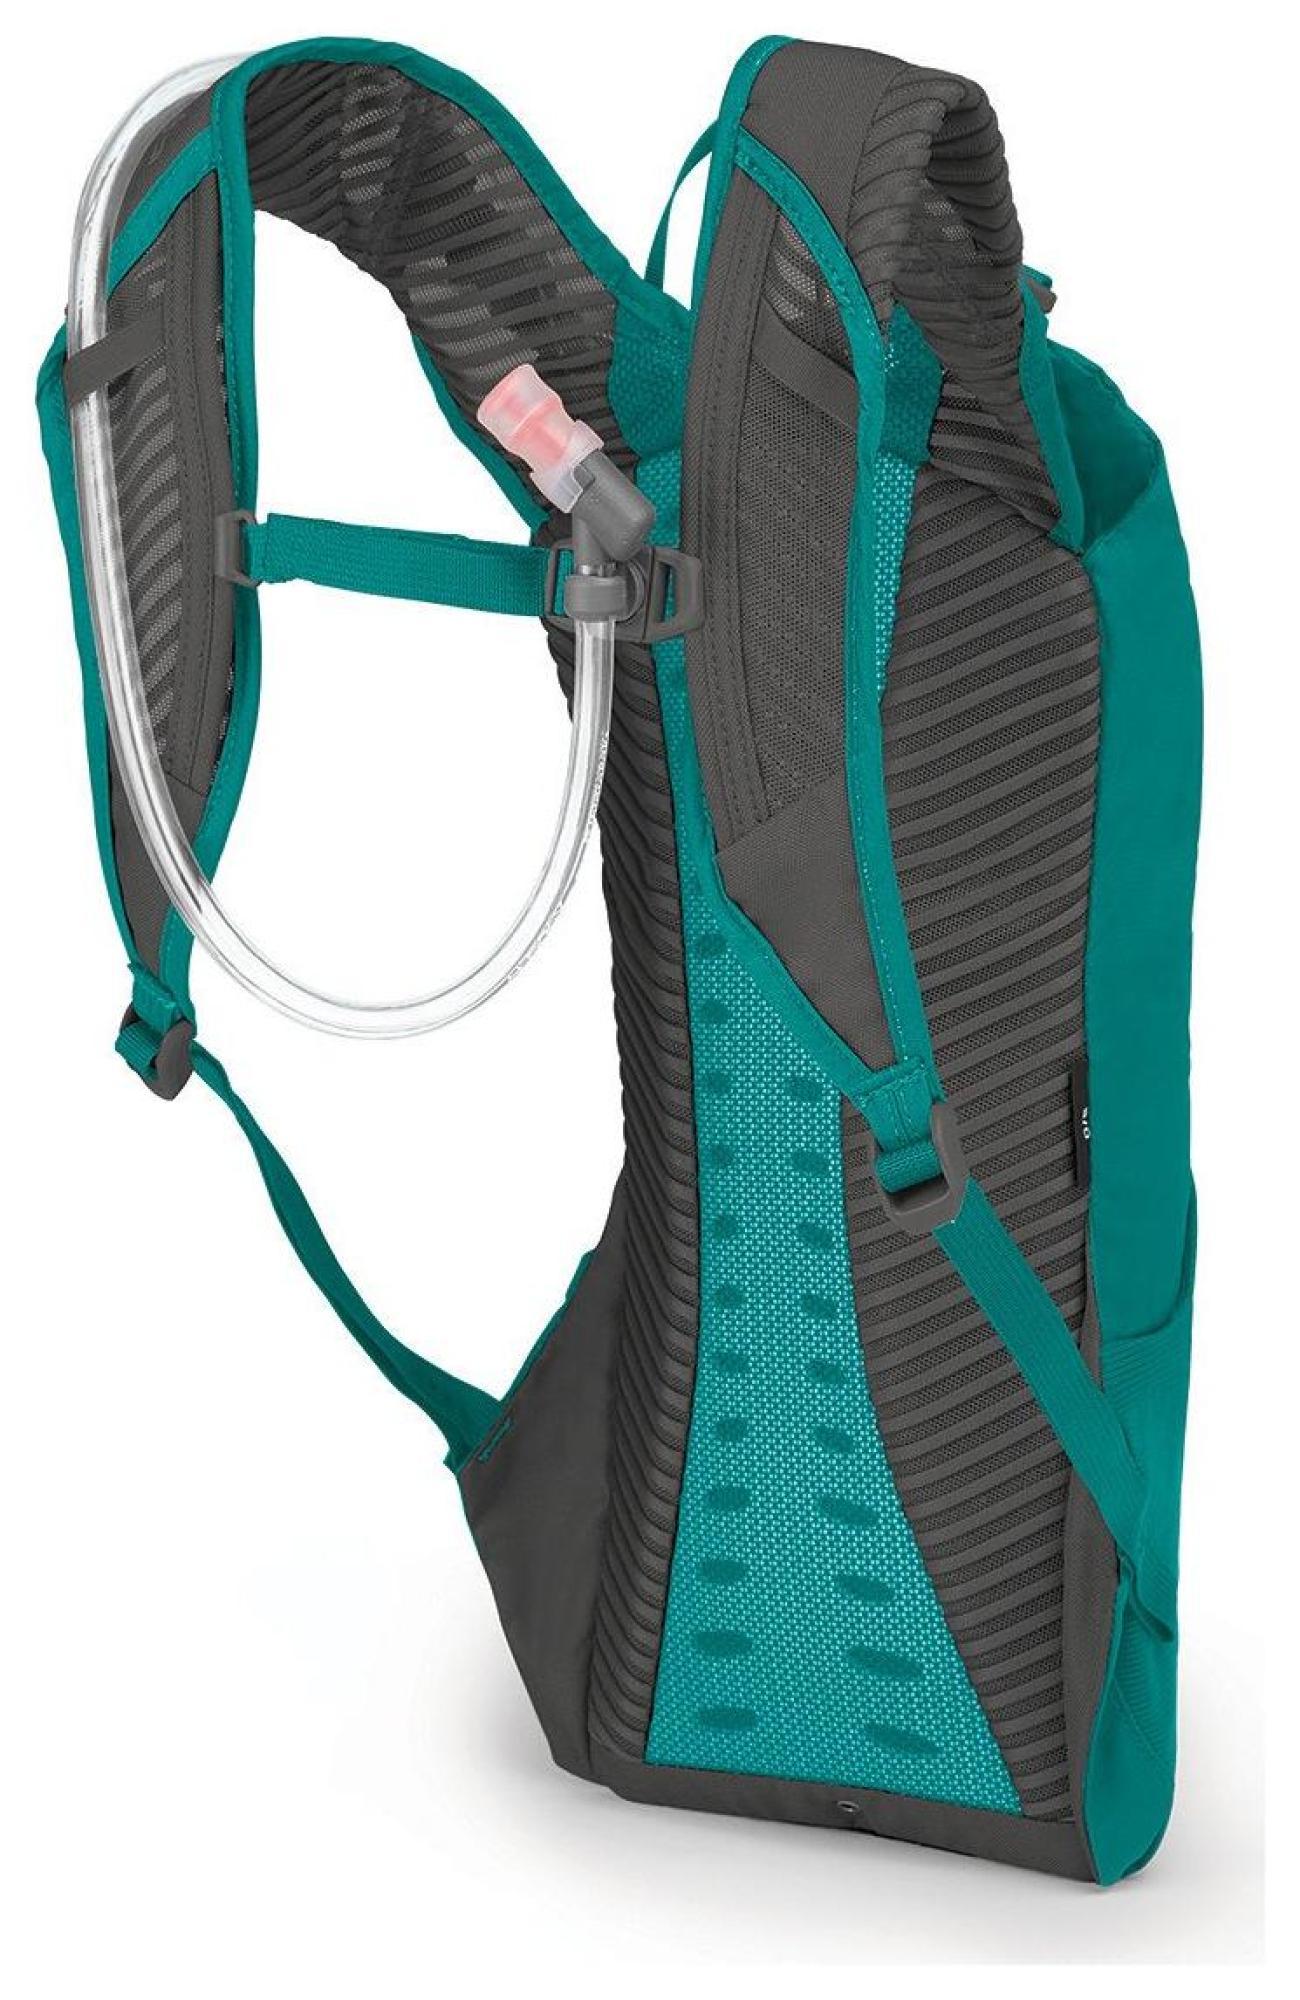 Mochila de Hidratação Feminina Osprey Kitsuma 3  - IBIKES